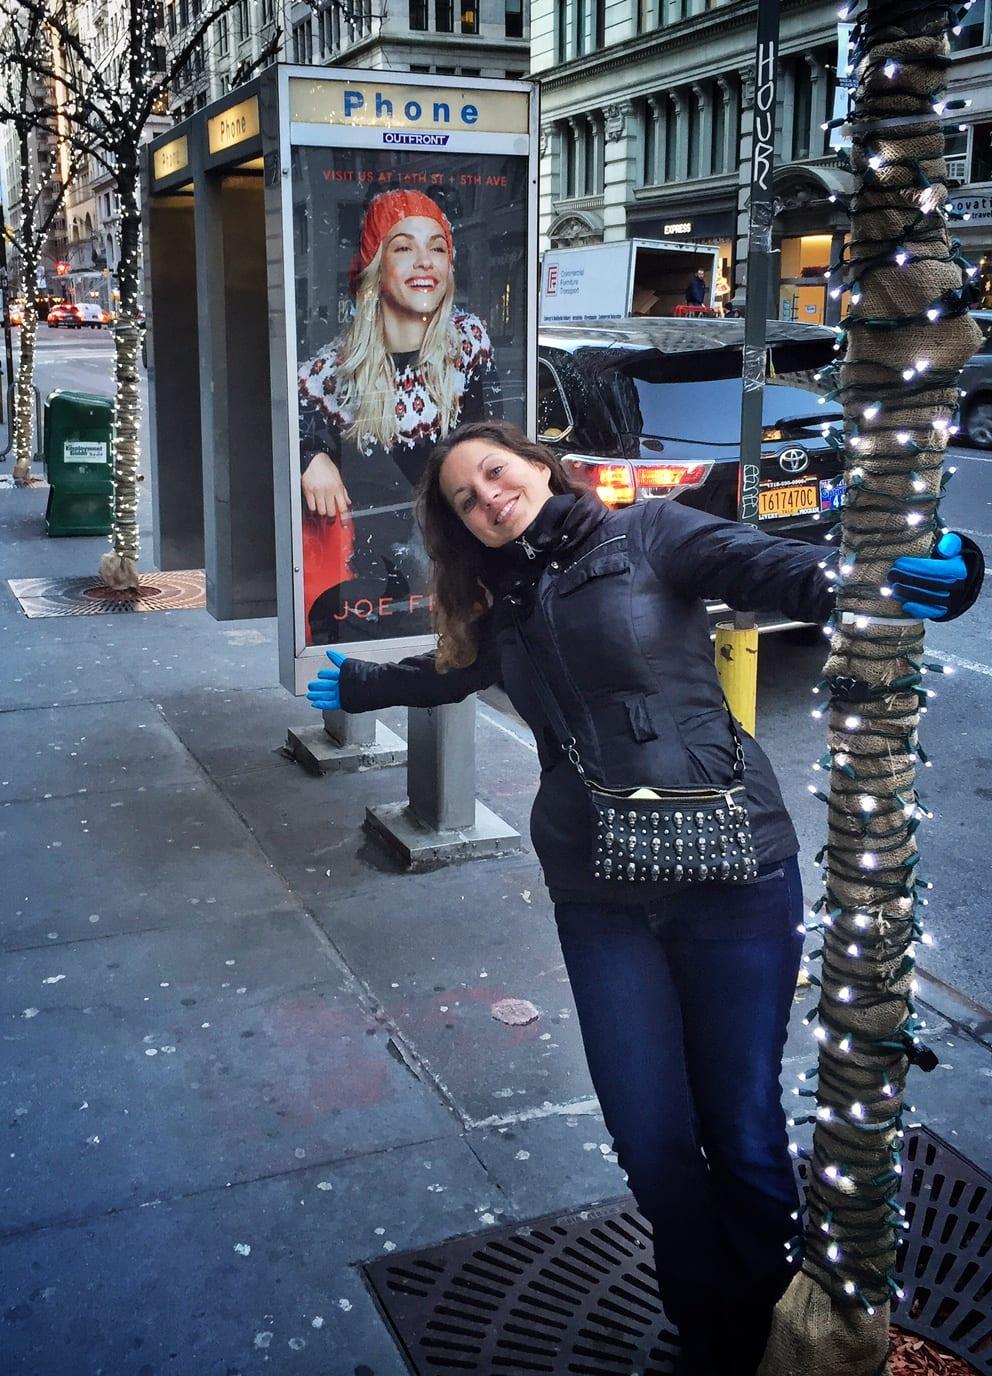 Kate in New York